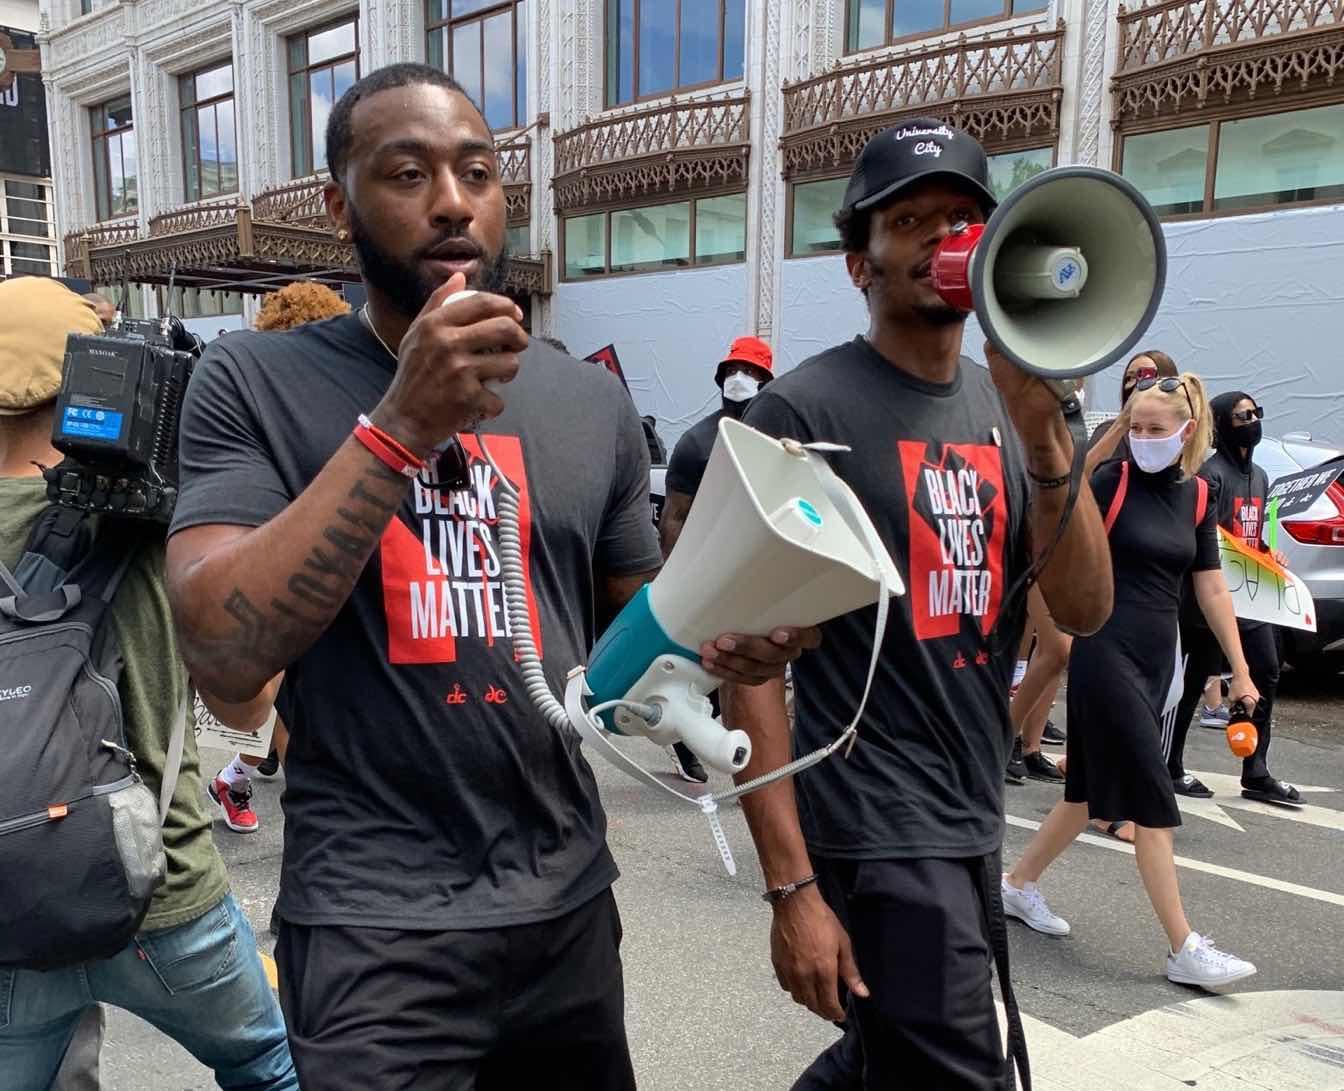 沃尔、比尔今日参与华盛顿街头游走,高呼暗人平权口号